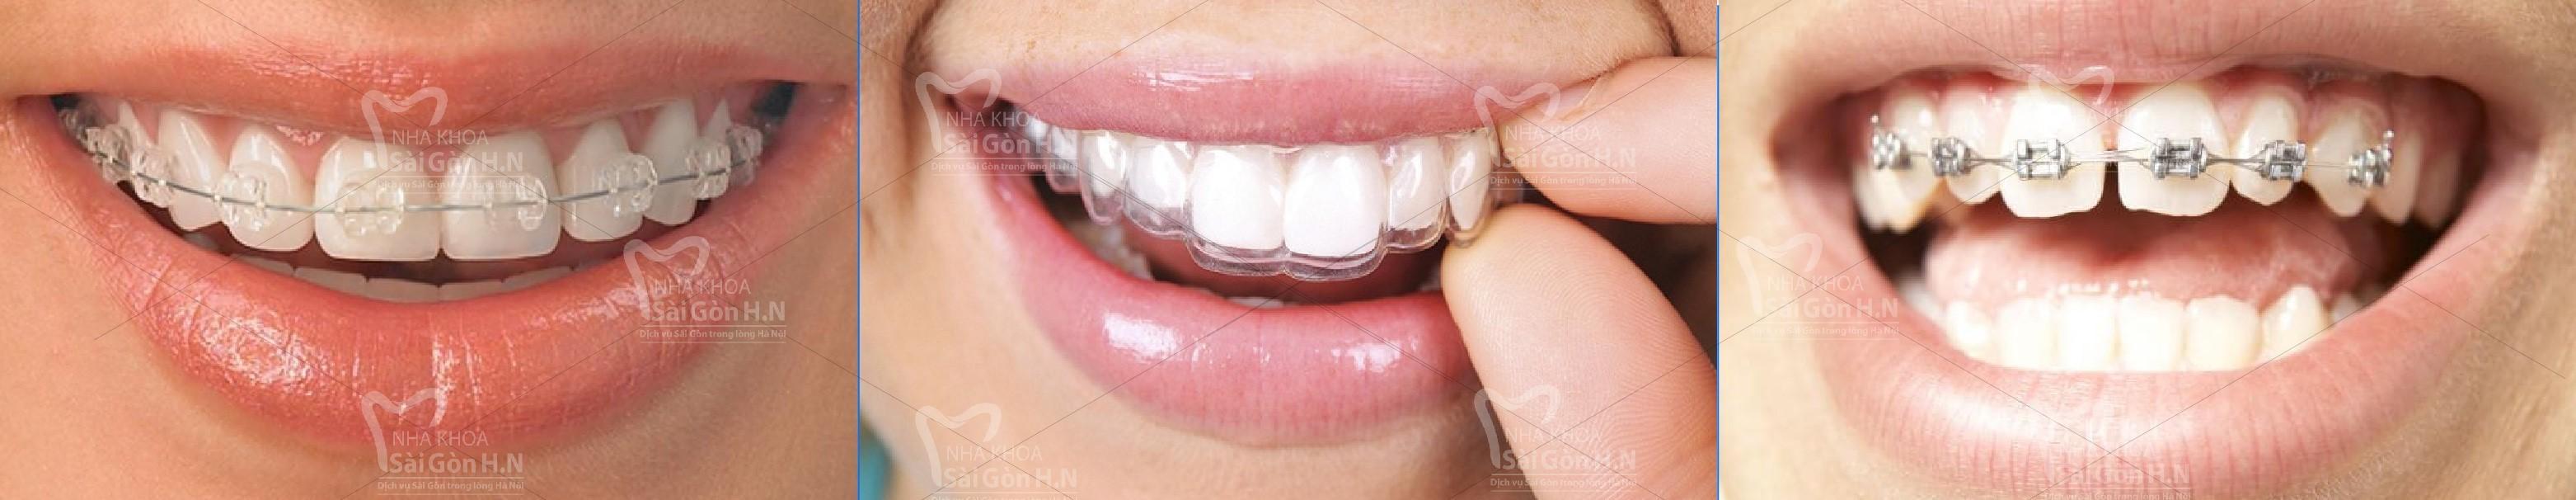 Cách khắc phục thưa răng cửa tại Nha khoa Sài Gòn H.N